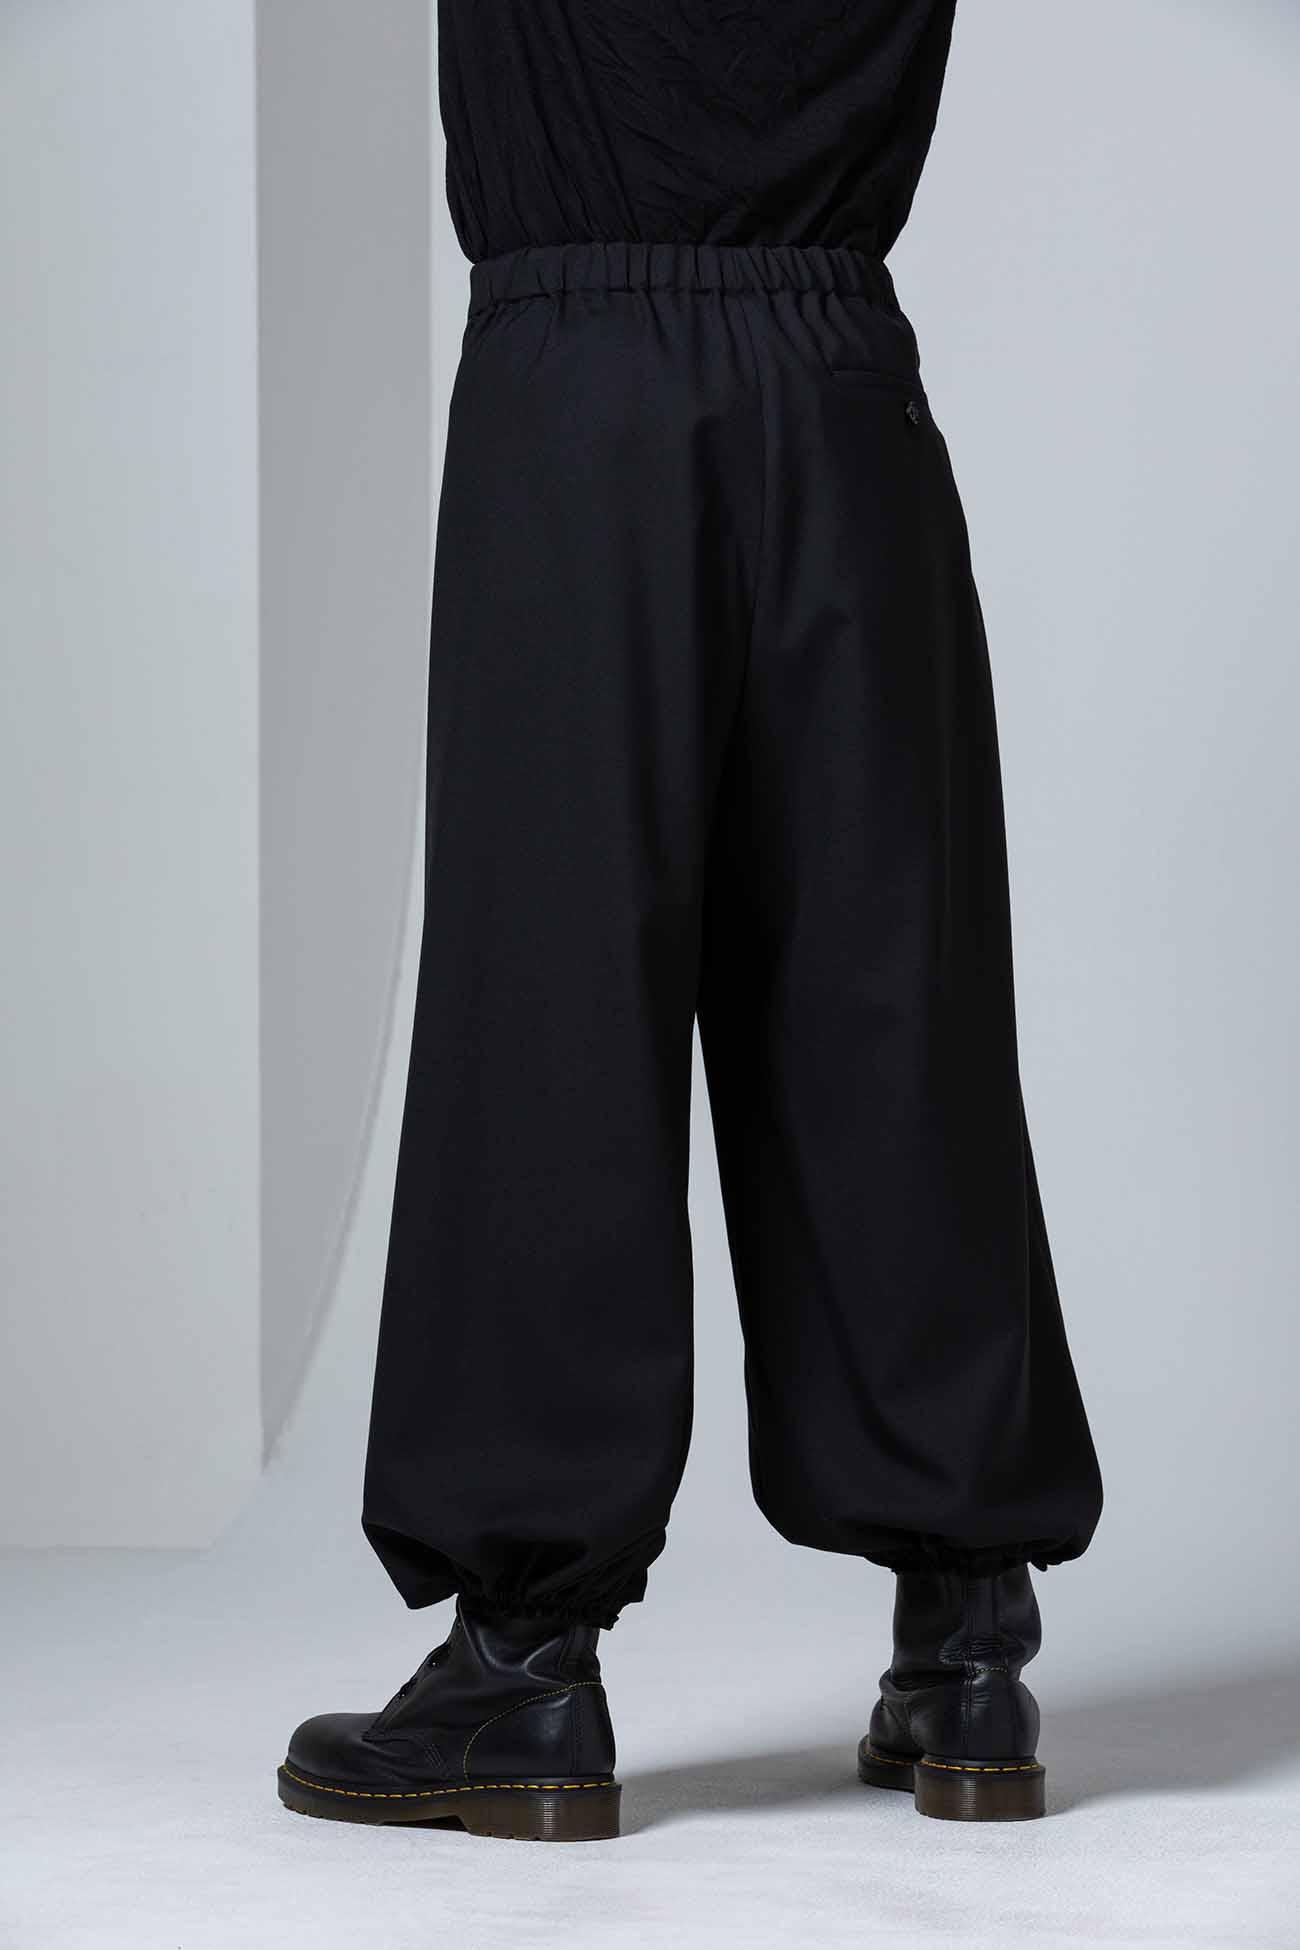 T/W Gabardine Thai style Balloon Pants